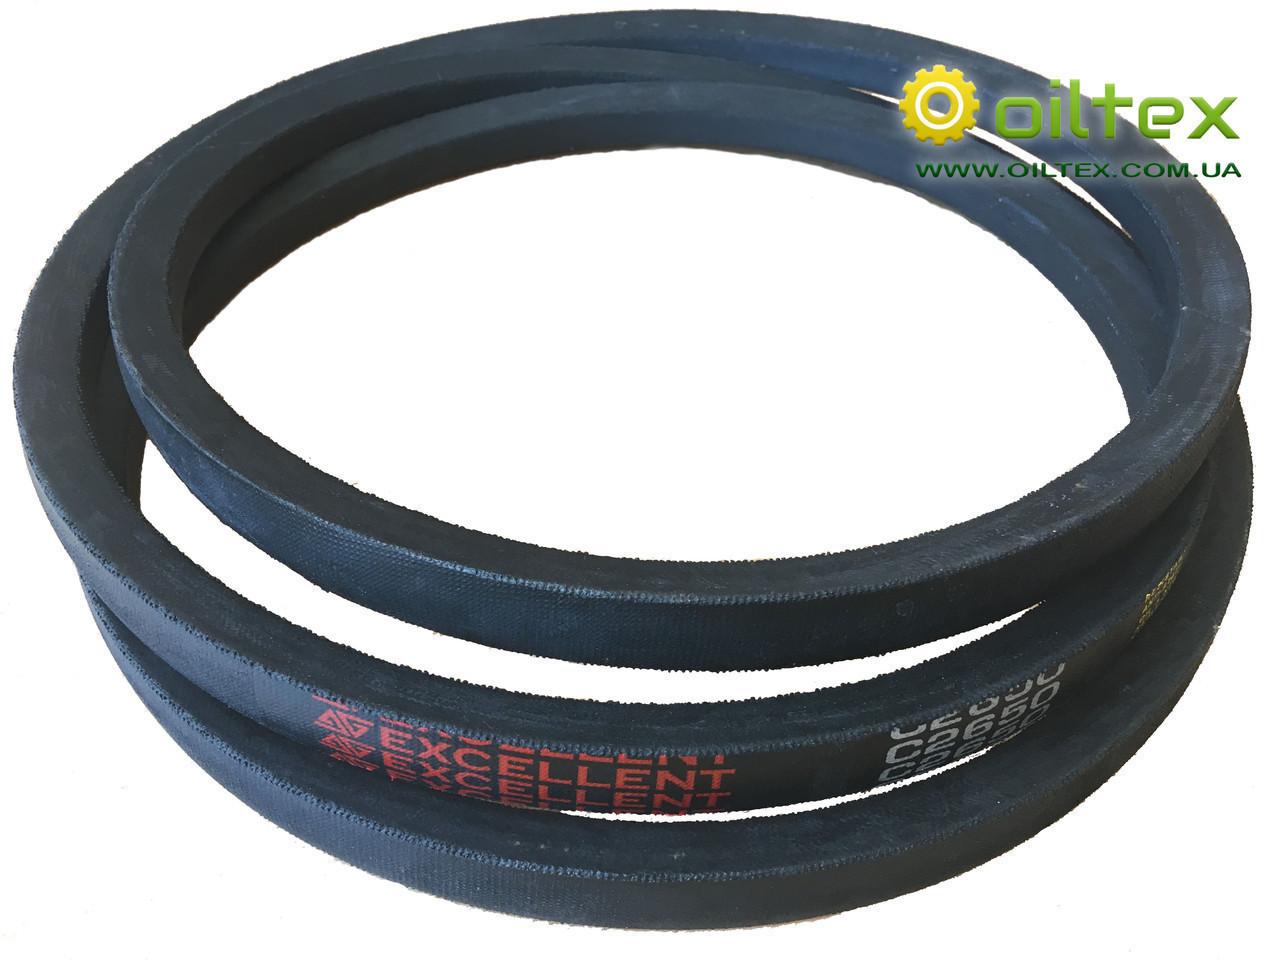 Ремень приводный УВ(SPС)-2650 Excellent